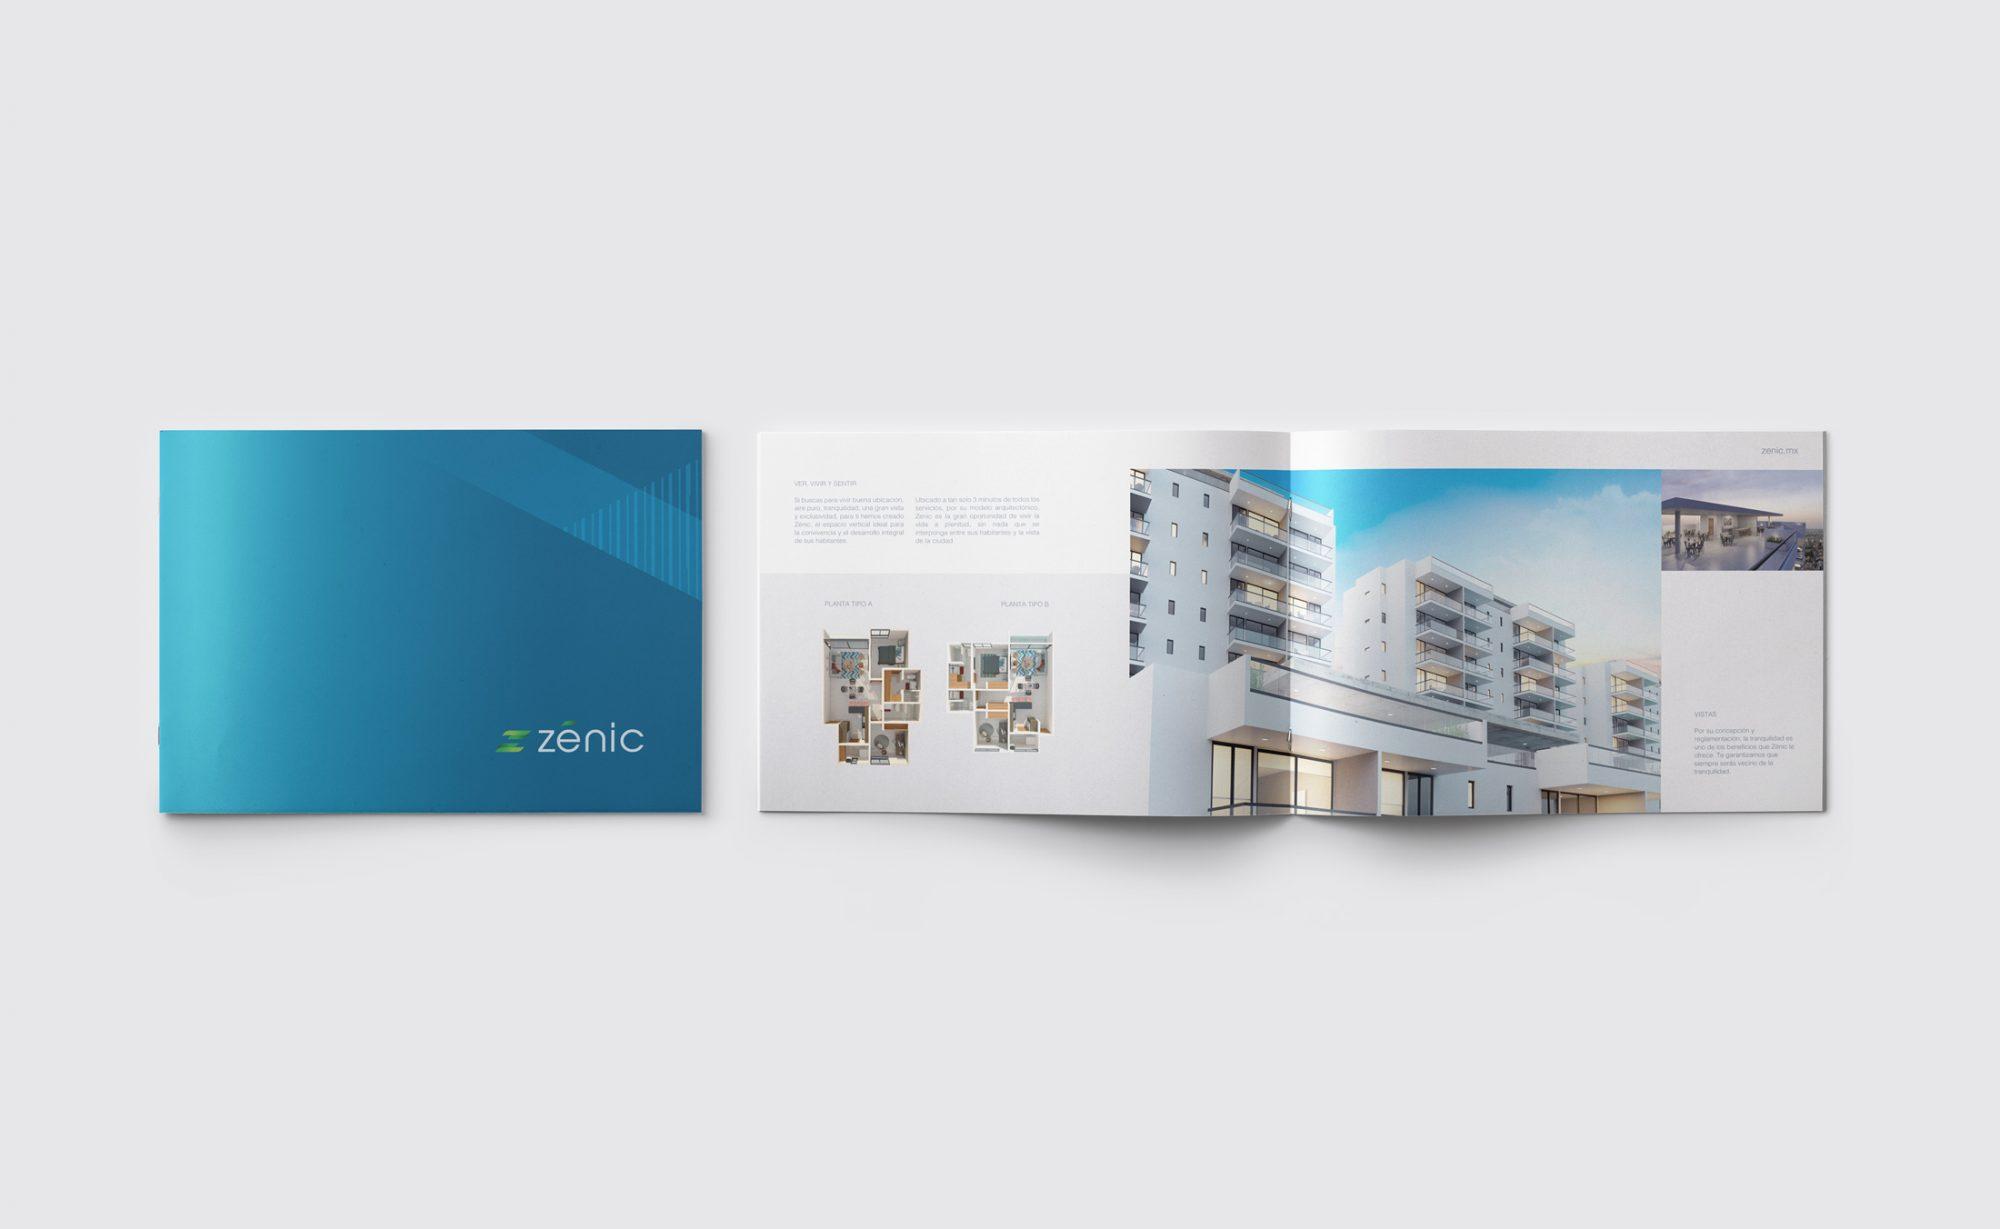 01_zen_catalogo_brochure_identidad_corporativa_marca_logo_buro3_agencias_publicidad_guadalajara